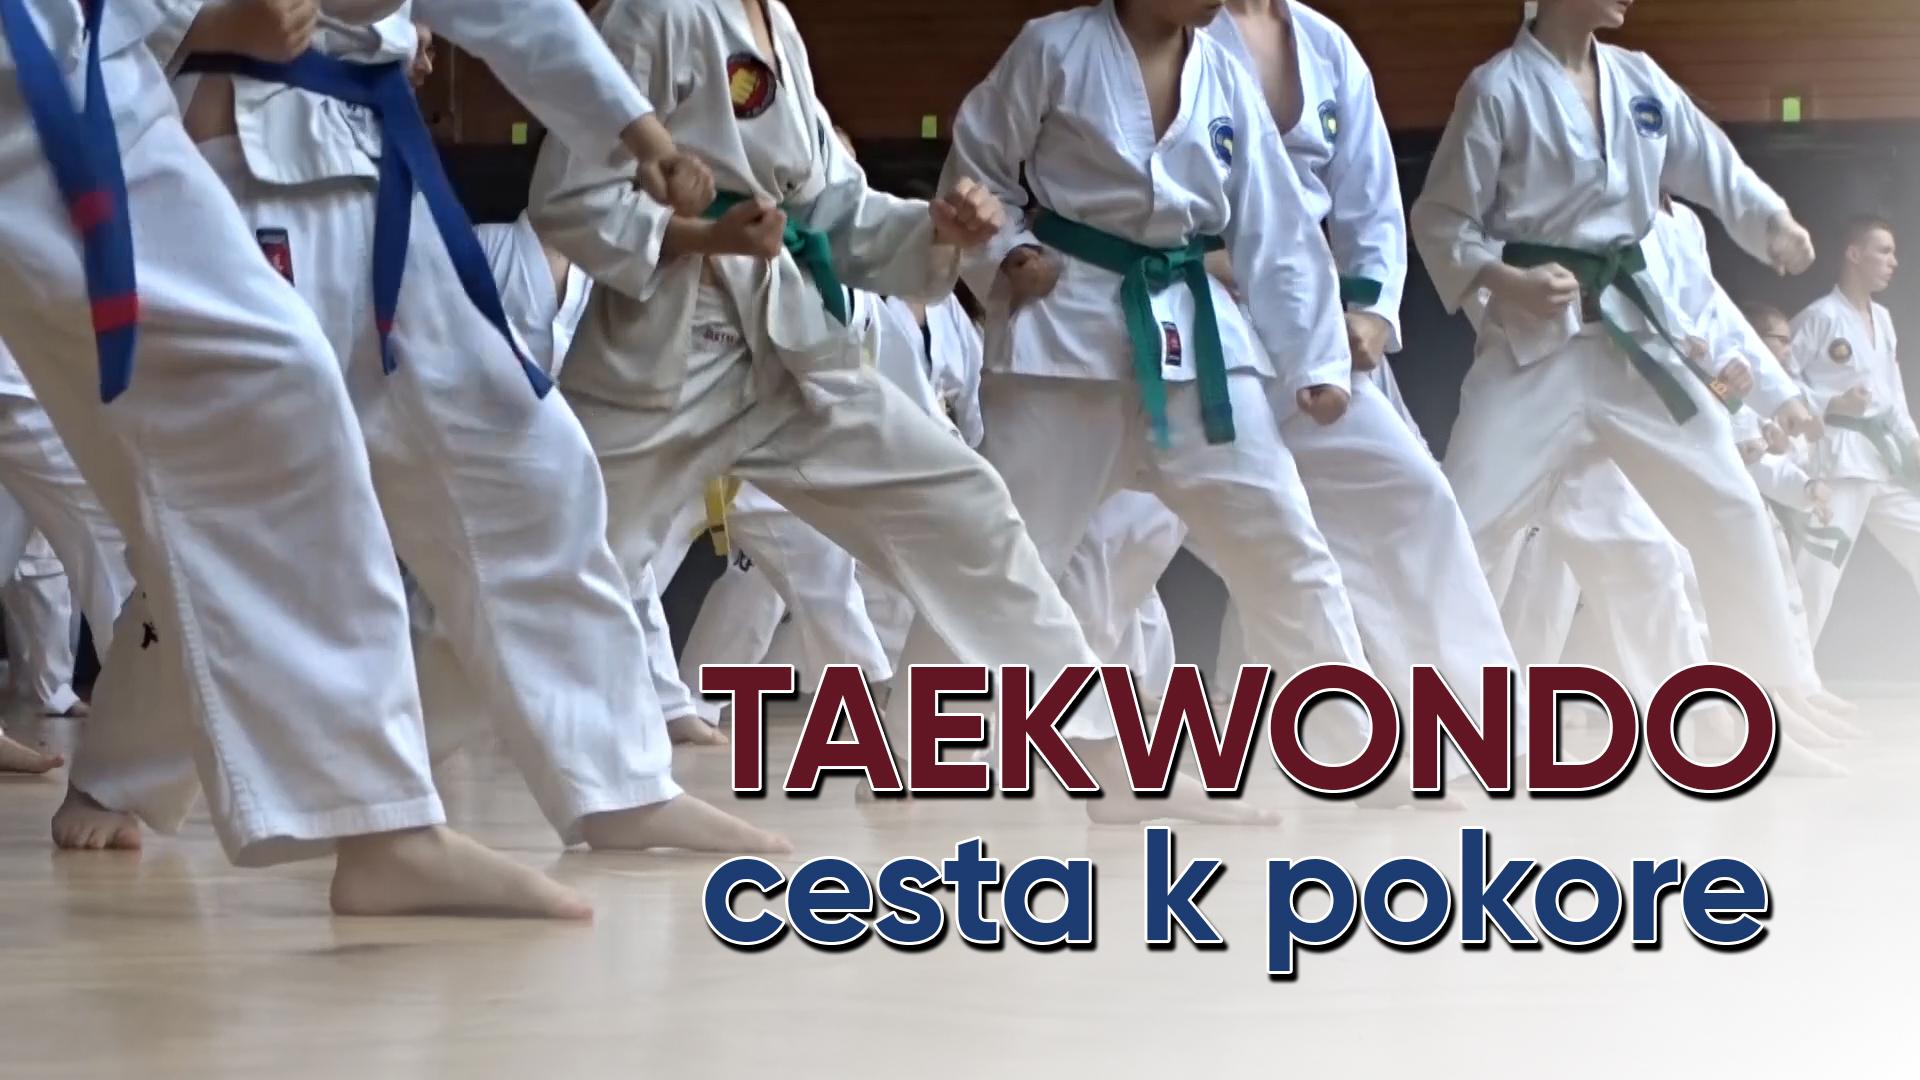 SENEC.TV – TAEKWONDO  CESTA K POKORE  1676556a70c